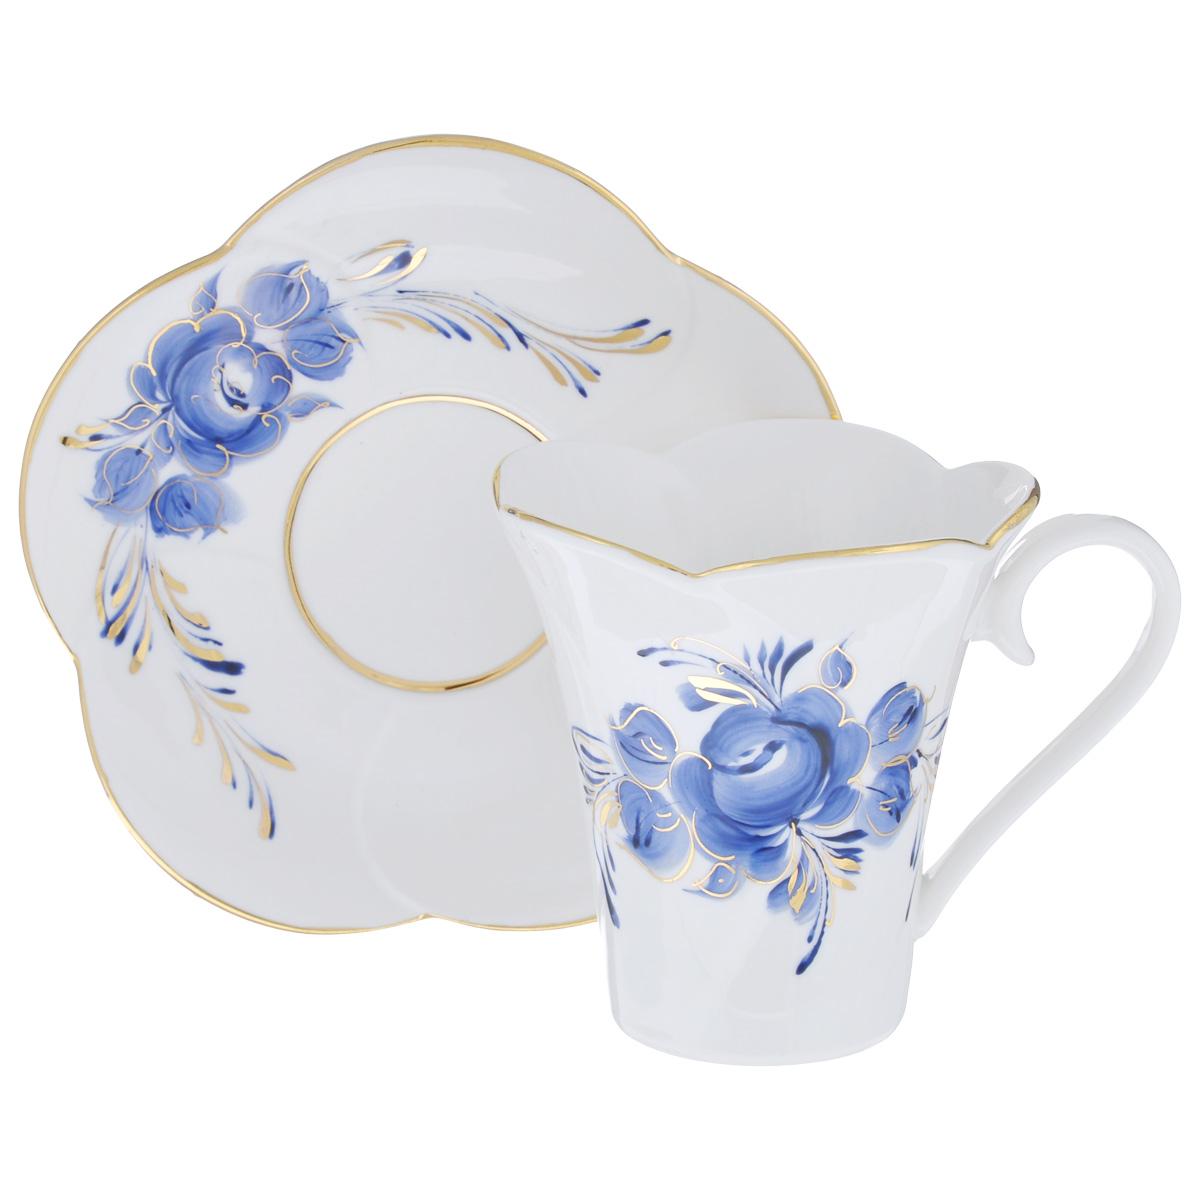 Чайная пара Пион, цвет: белый, синий, золотой, 2 предмета. 995161510995161510Чайная пара Пион состоит из чашки и блюдца, изготовленных из фарфора белого цвета, и расписаны вручную. Яркий дизайн, несомненно, придется вам по вкусу.Чайная пара Пион украсит ваш кухонный стол, а также станет замечательным подарком к любому празднику.Не применять абразивные чистящие средства. Не использовать в микроволновой печи. Мыть с применением нейтральных моющих средств. Не рекомендуется использовать в посудомоечных машинах.Объем чашки: 200 мл.Диаметр чашки по верхнему краю: 8,5 см.Диаметр основания: 4,5 см.Высота чашки: 9 см.Диаметр блюдца: 14 см.